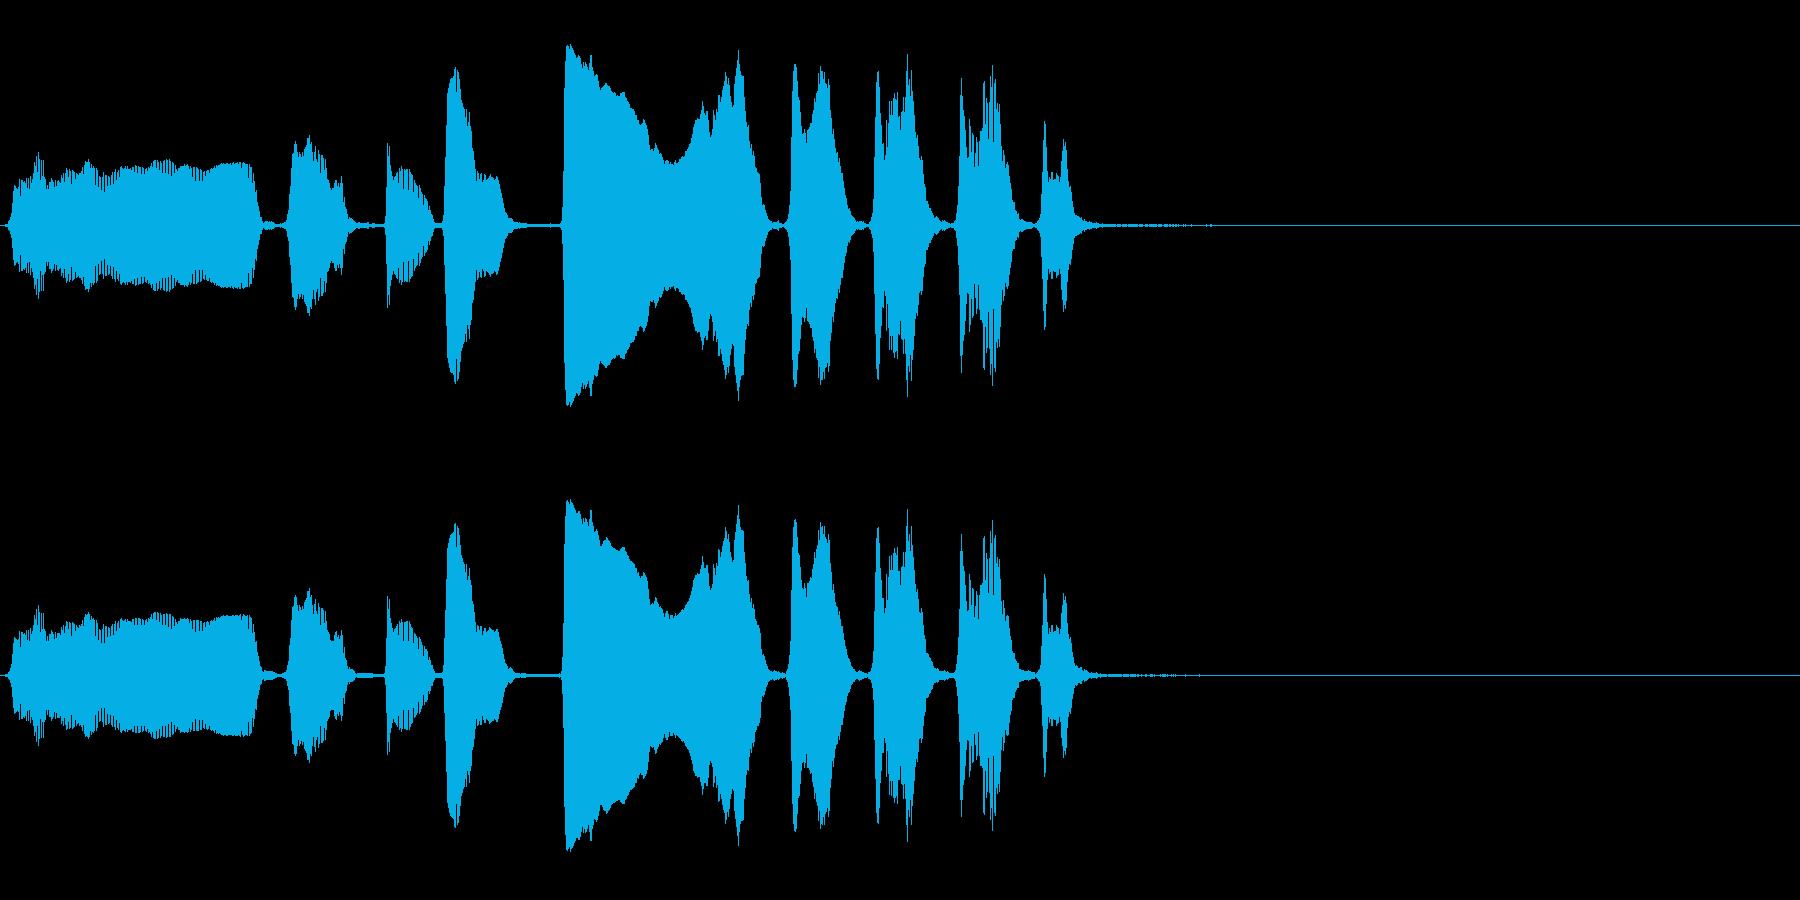 バリトンサックス:面白い高アクセン...の再生済みの波形